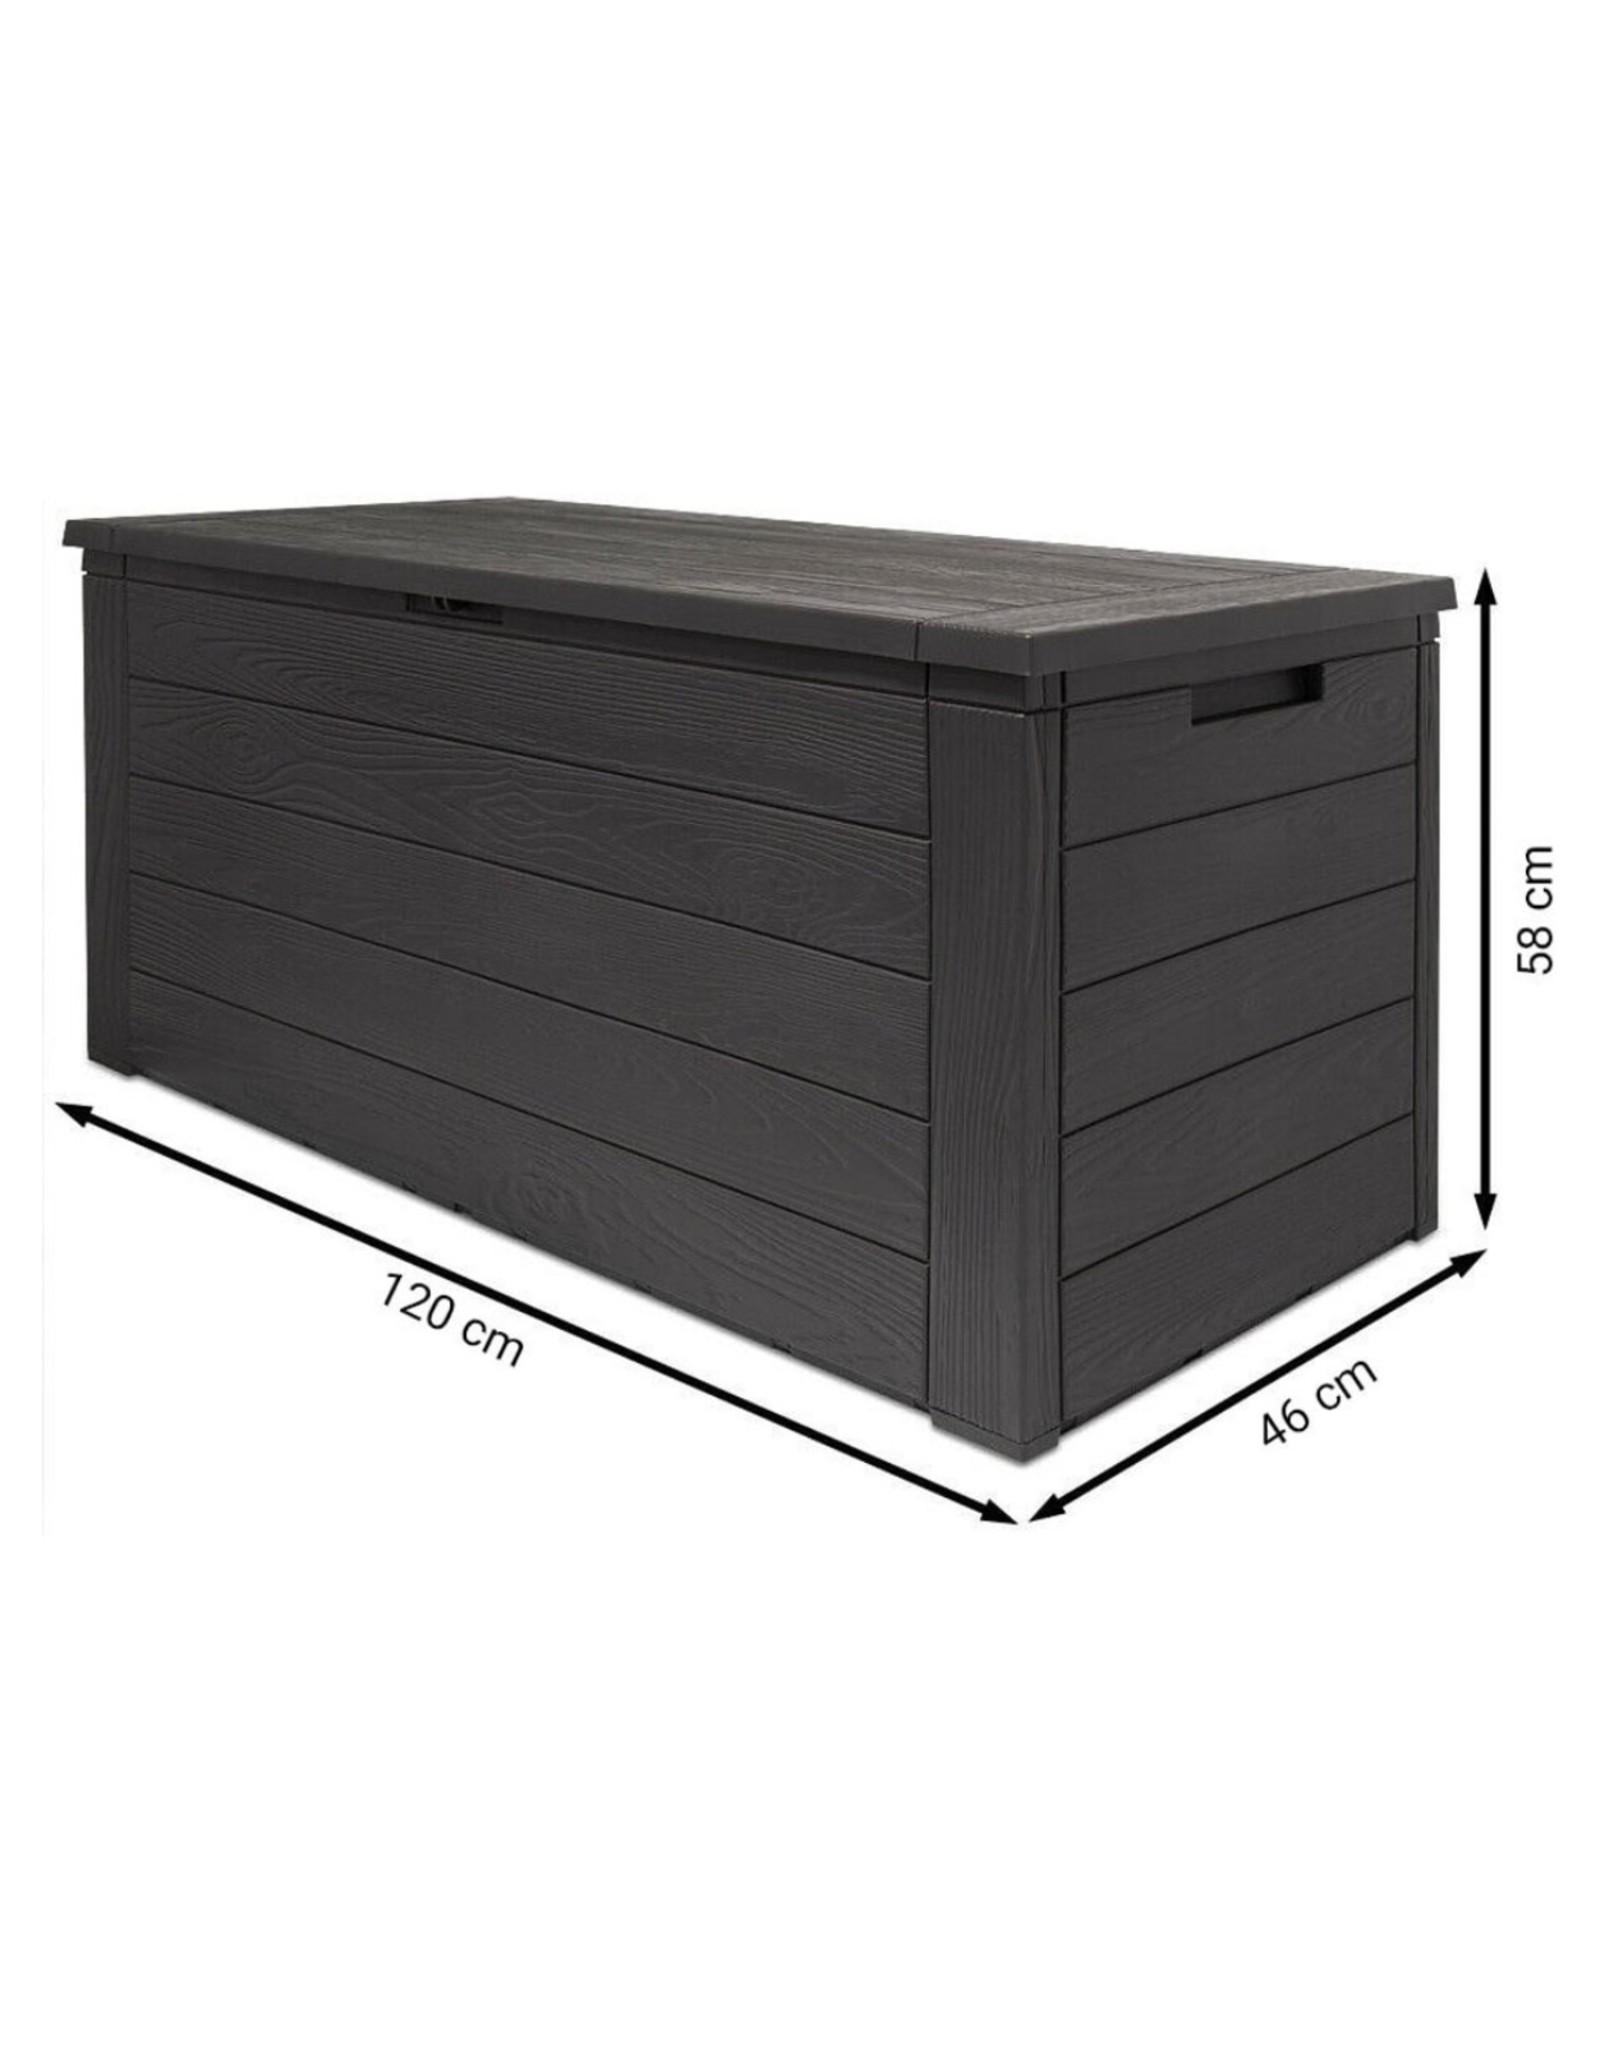 Houtlook Tuinkist - Opbergbox - Kunststof - 300 Liter